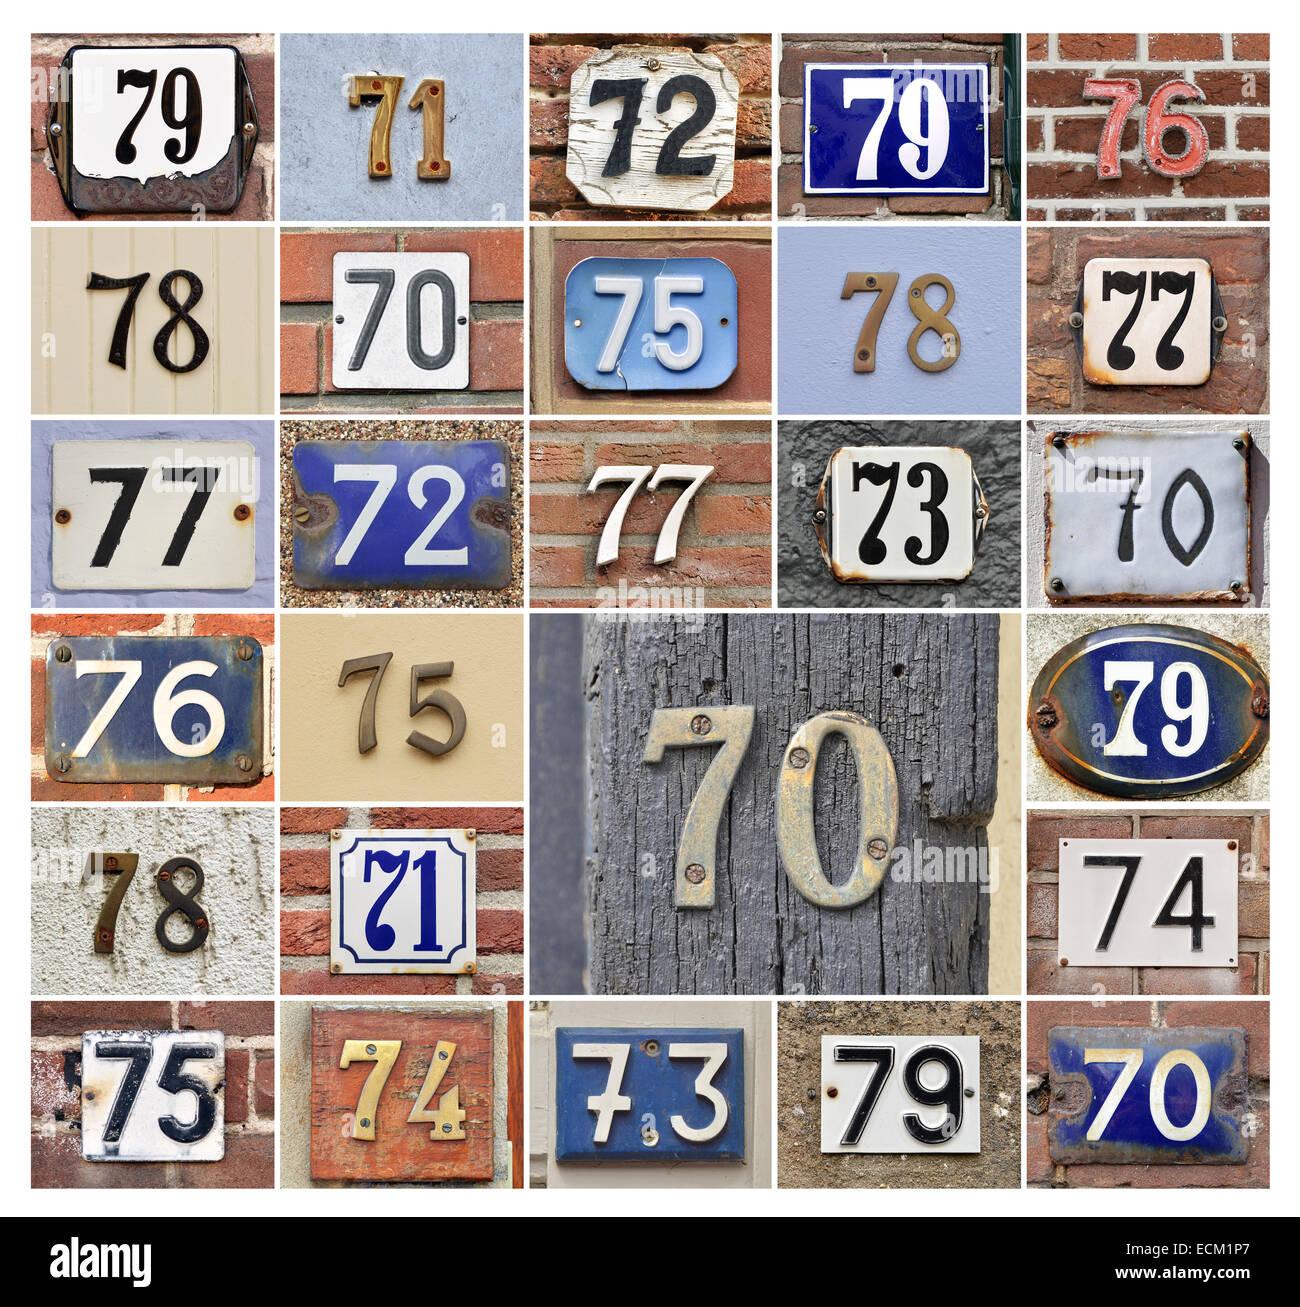 Collage di numeri per casa 70s Immagini Stock